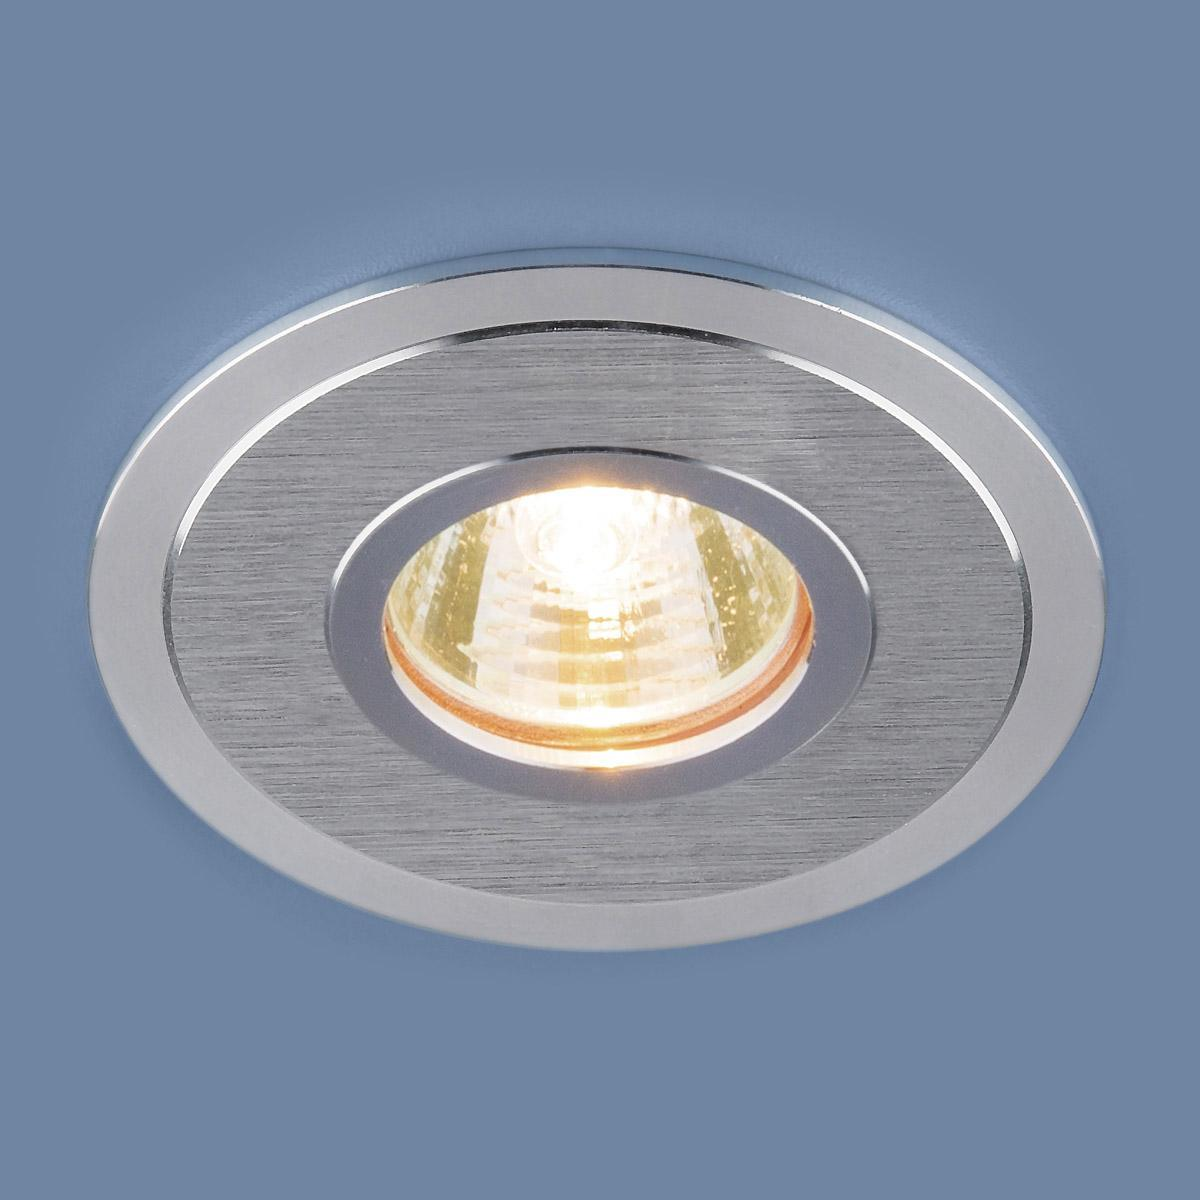 Фото - Встраиваемый светильник Elektrostandard 2016 MR16 SCH сатин хром 4690389064159 cветильник галогенный de fran встраиваемый 1х50вт mr16 ip20 зел античное золото